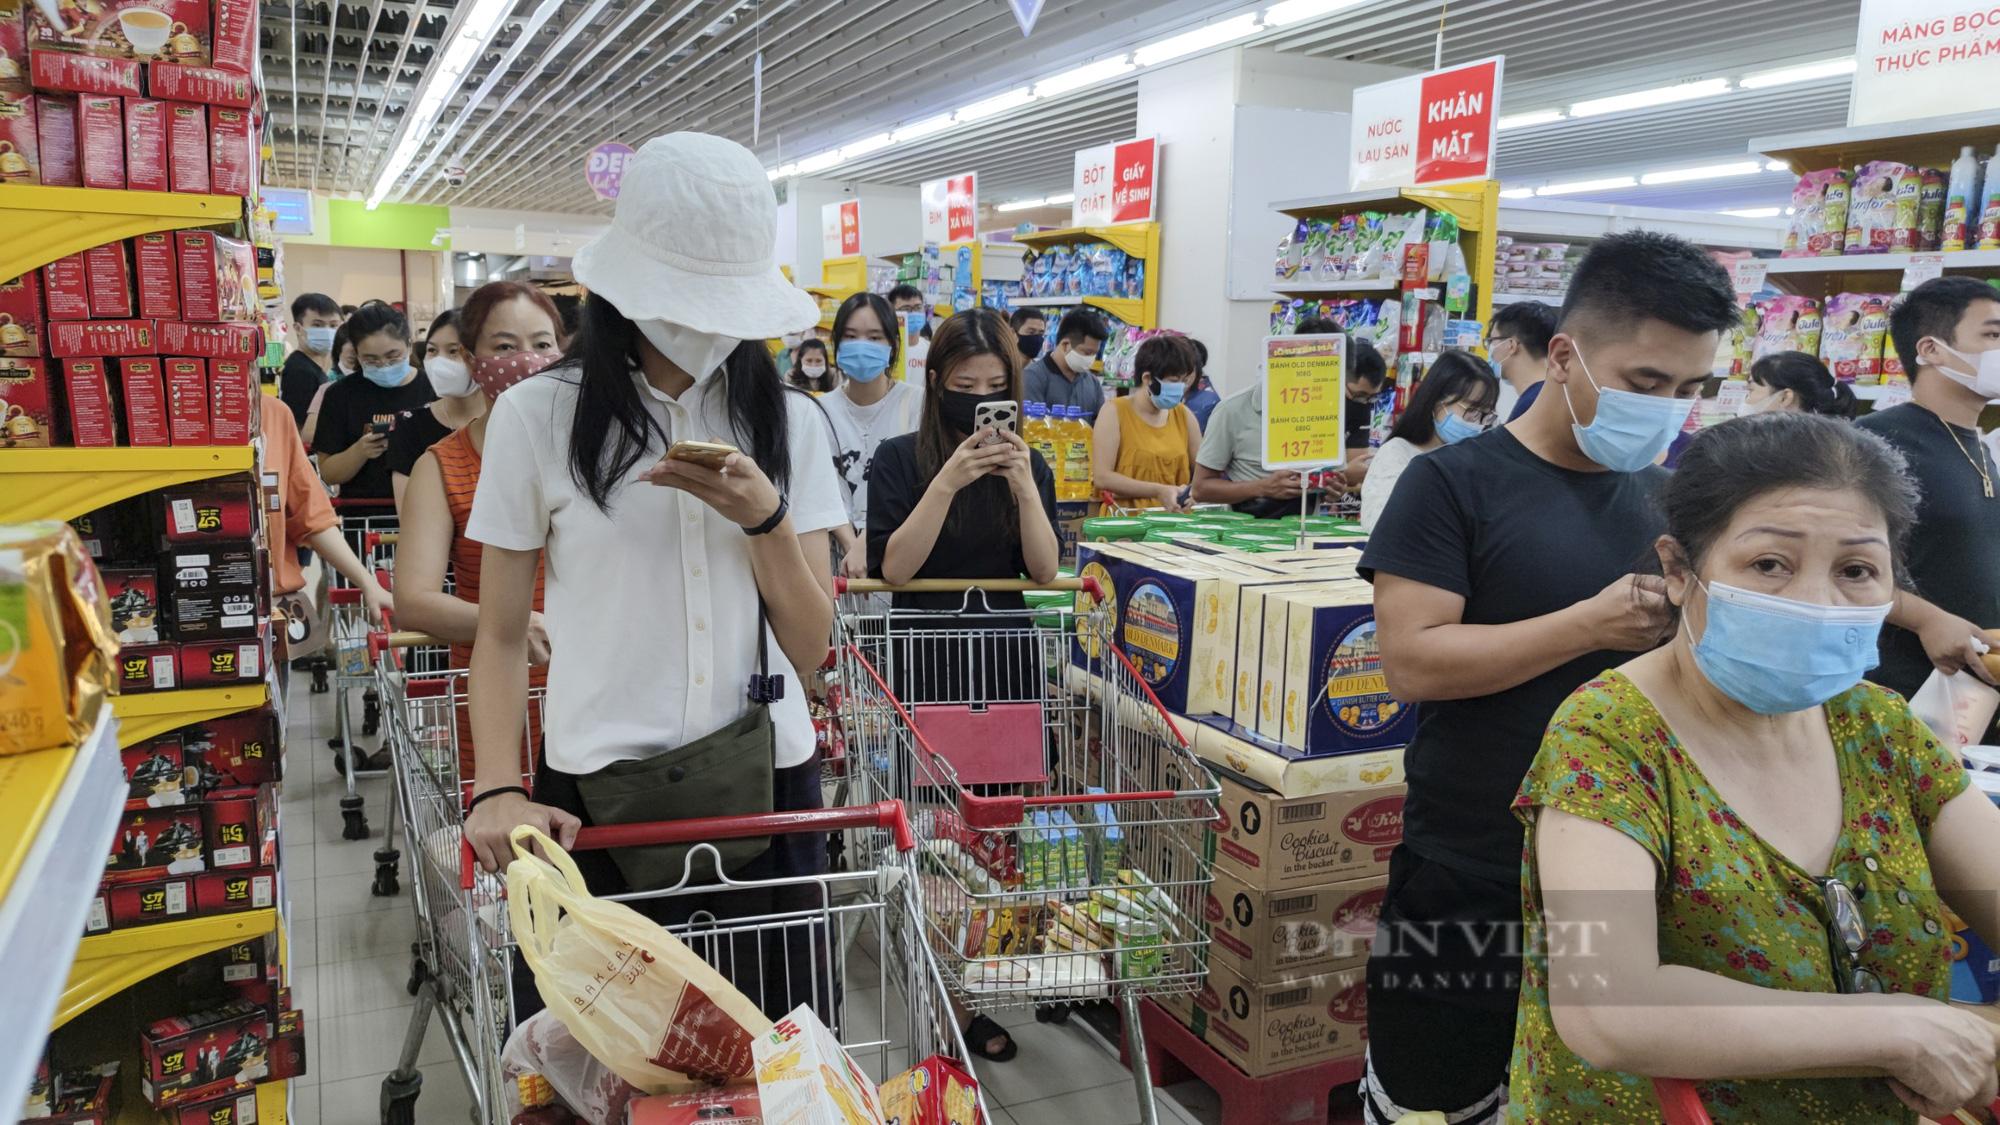 Người dân Hà Nội đổ xô đi mua thực phẩm dự trữ - Ảnh 7.